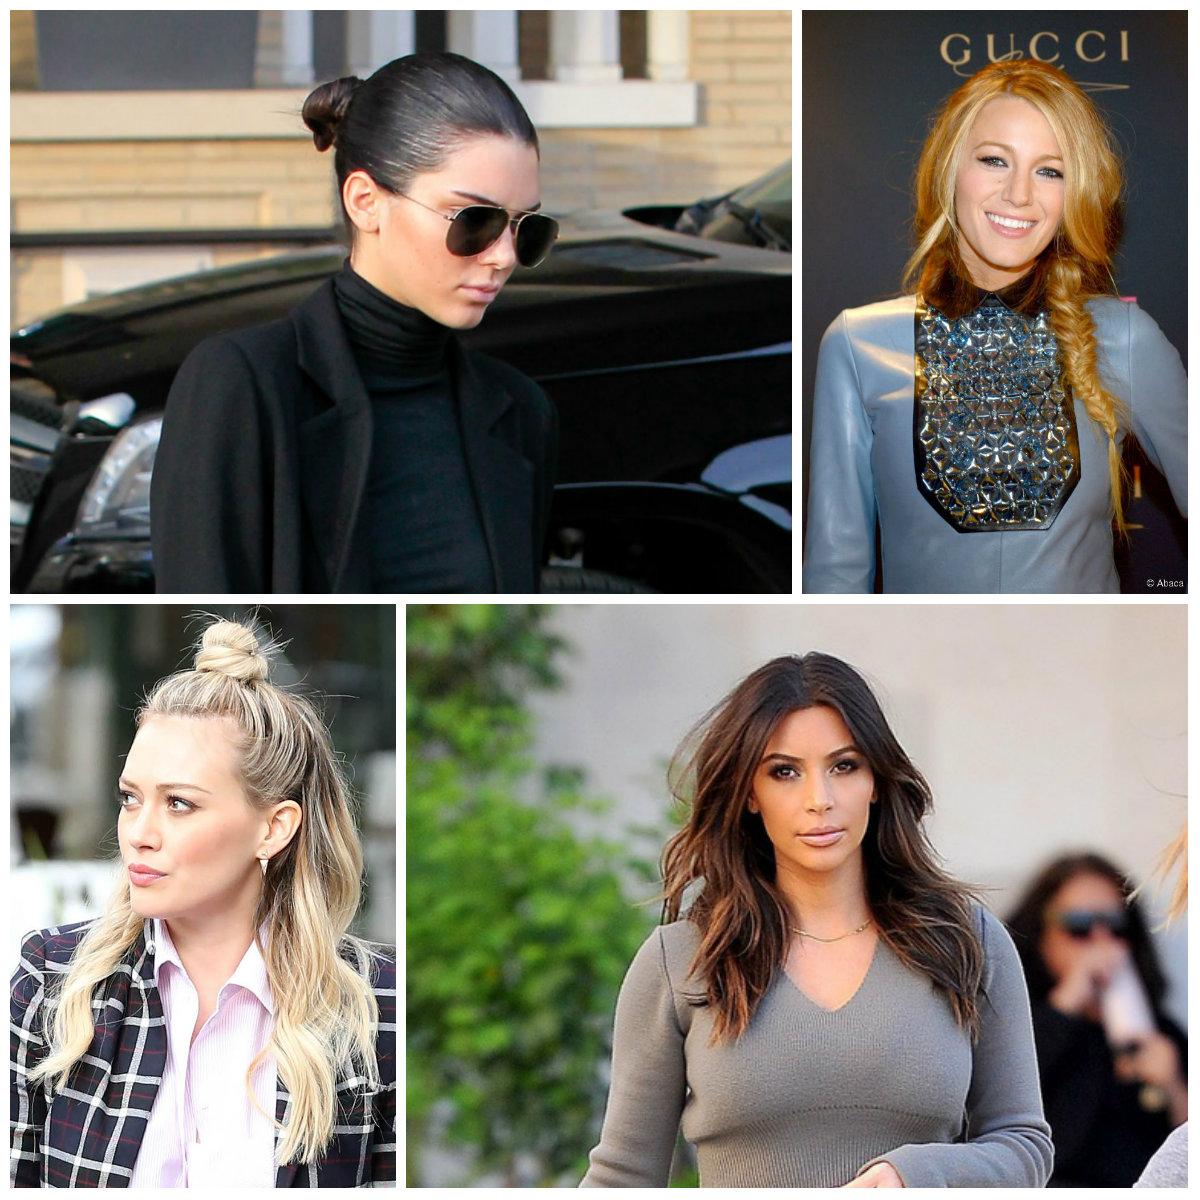 Neu Street Hairstyle Ideen von Prominenten